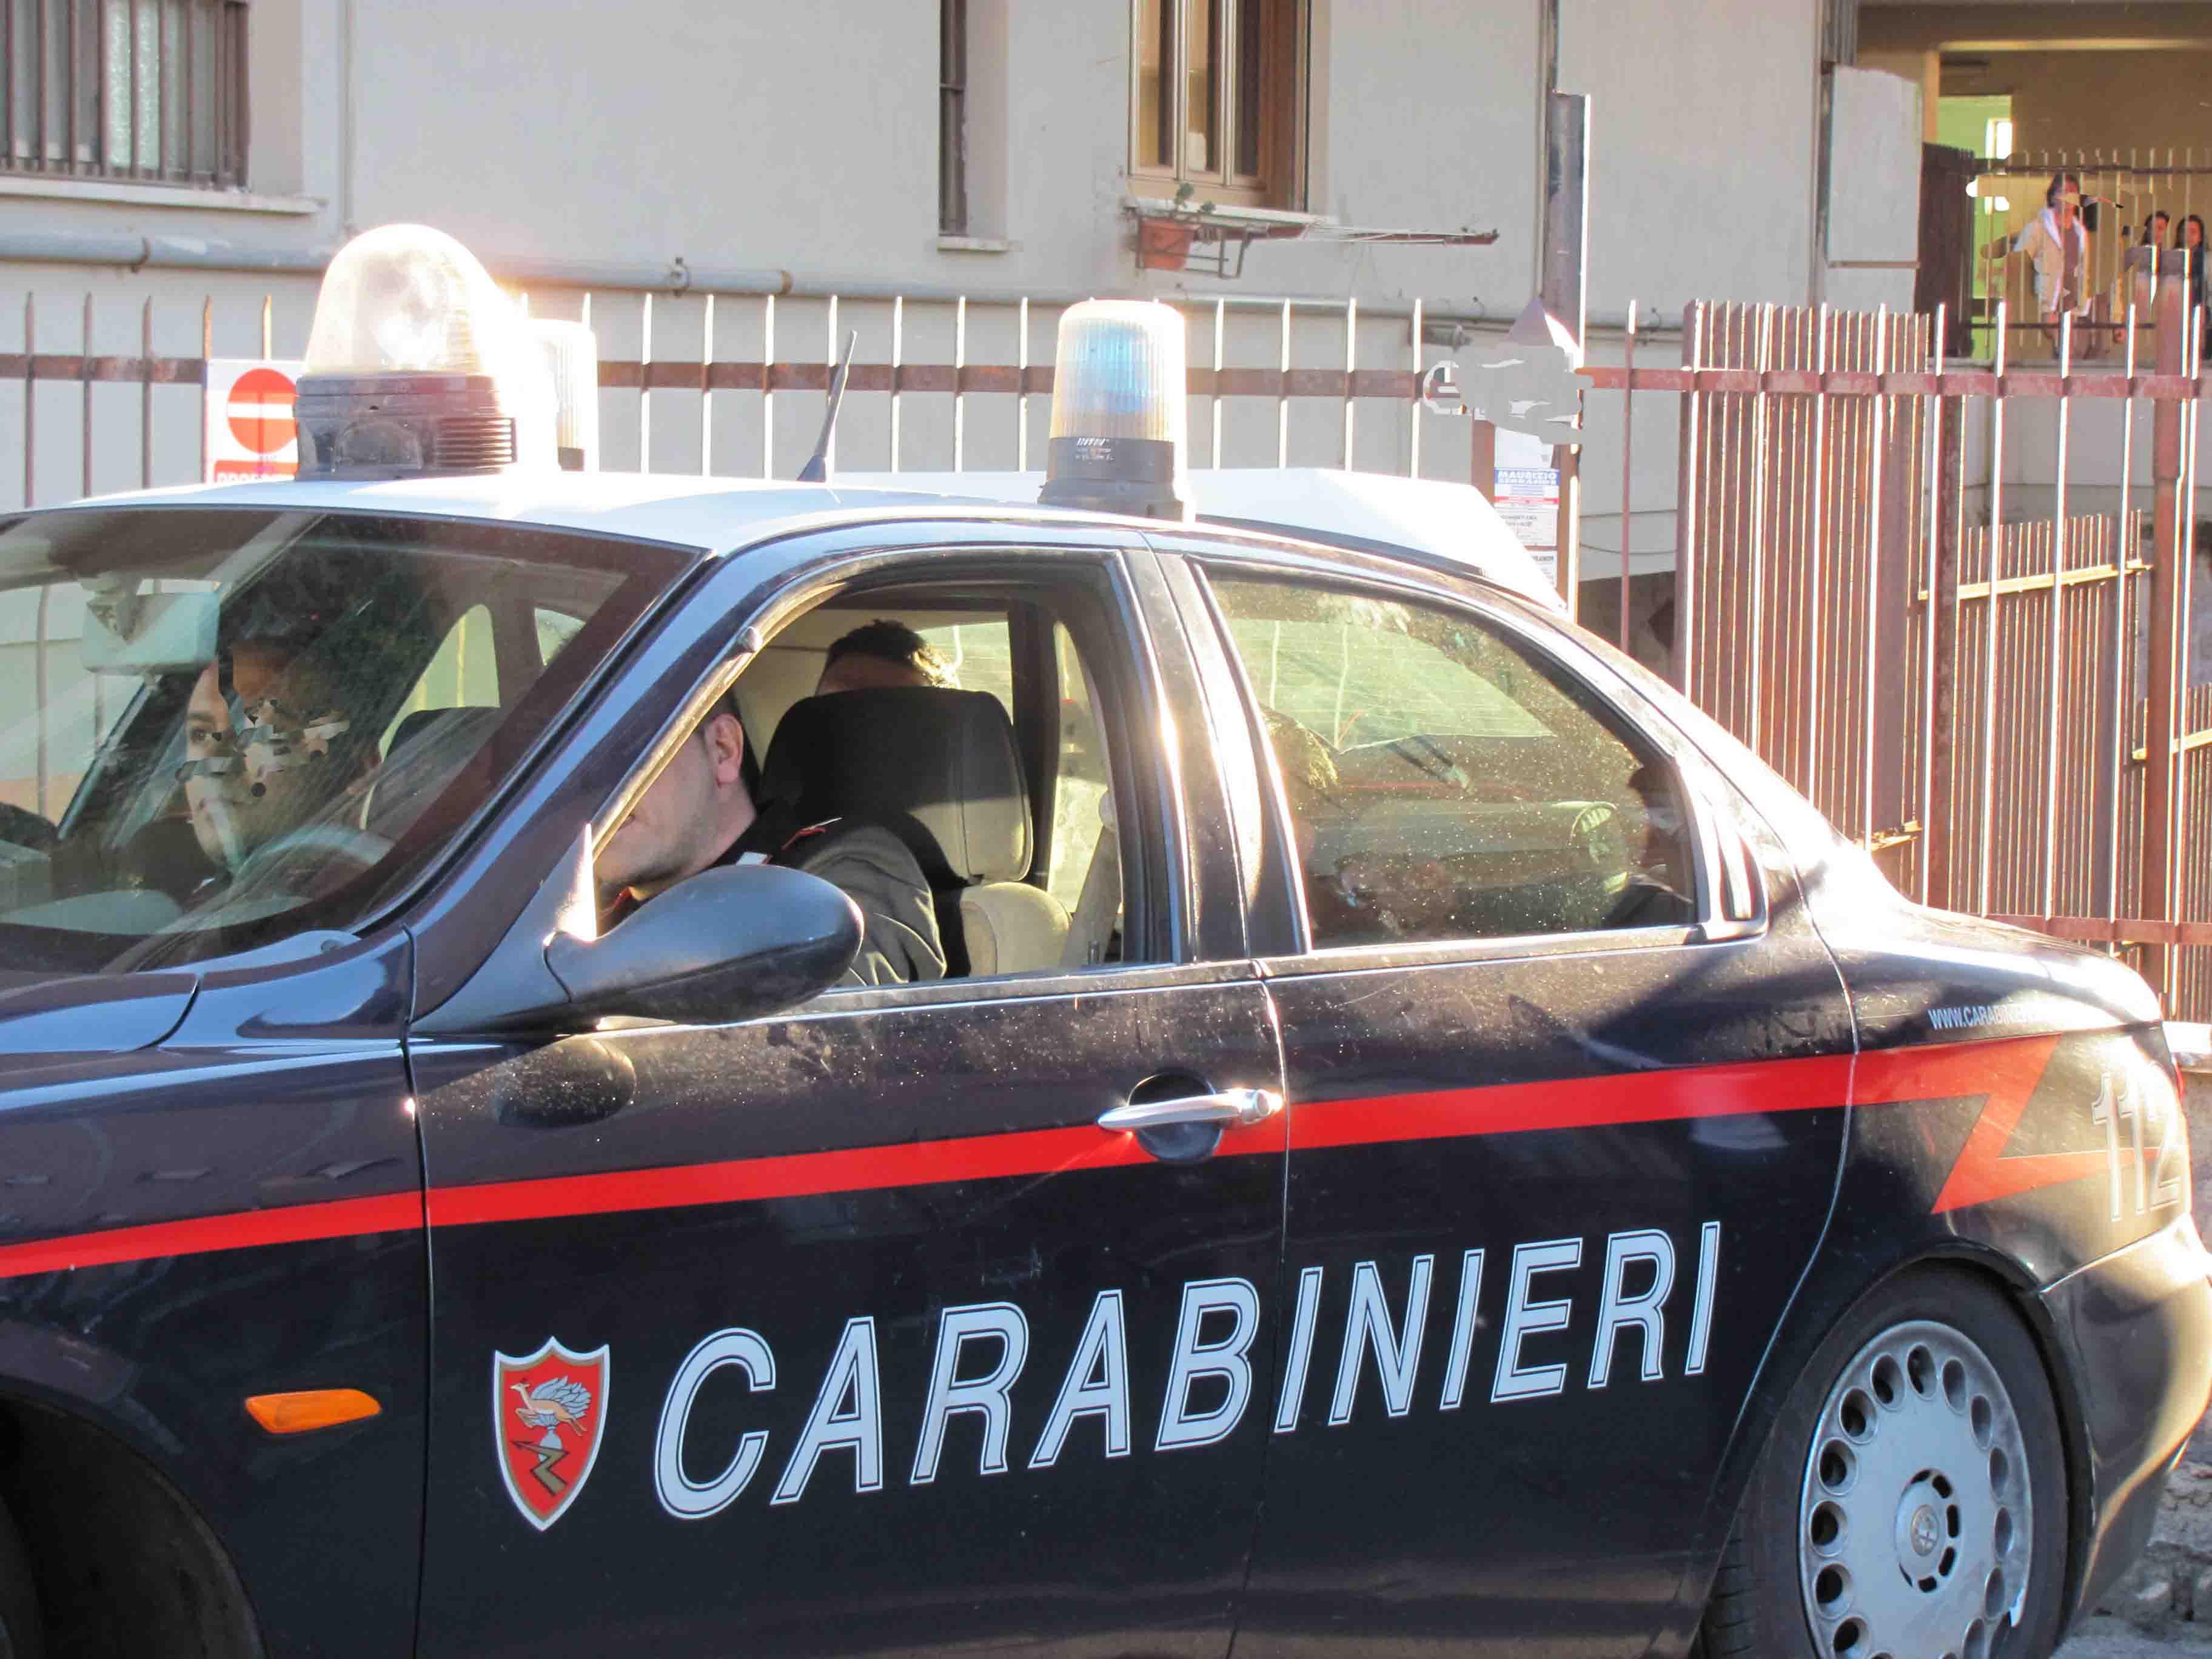 Droga in uno zaino nascosto in un'aiola, pusher di marijuana arrestato dai carabinieri di Monterotondo